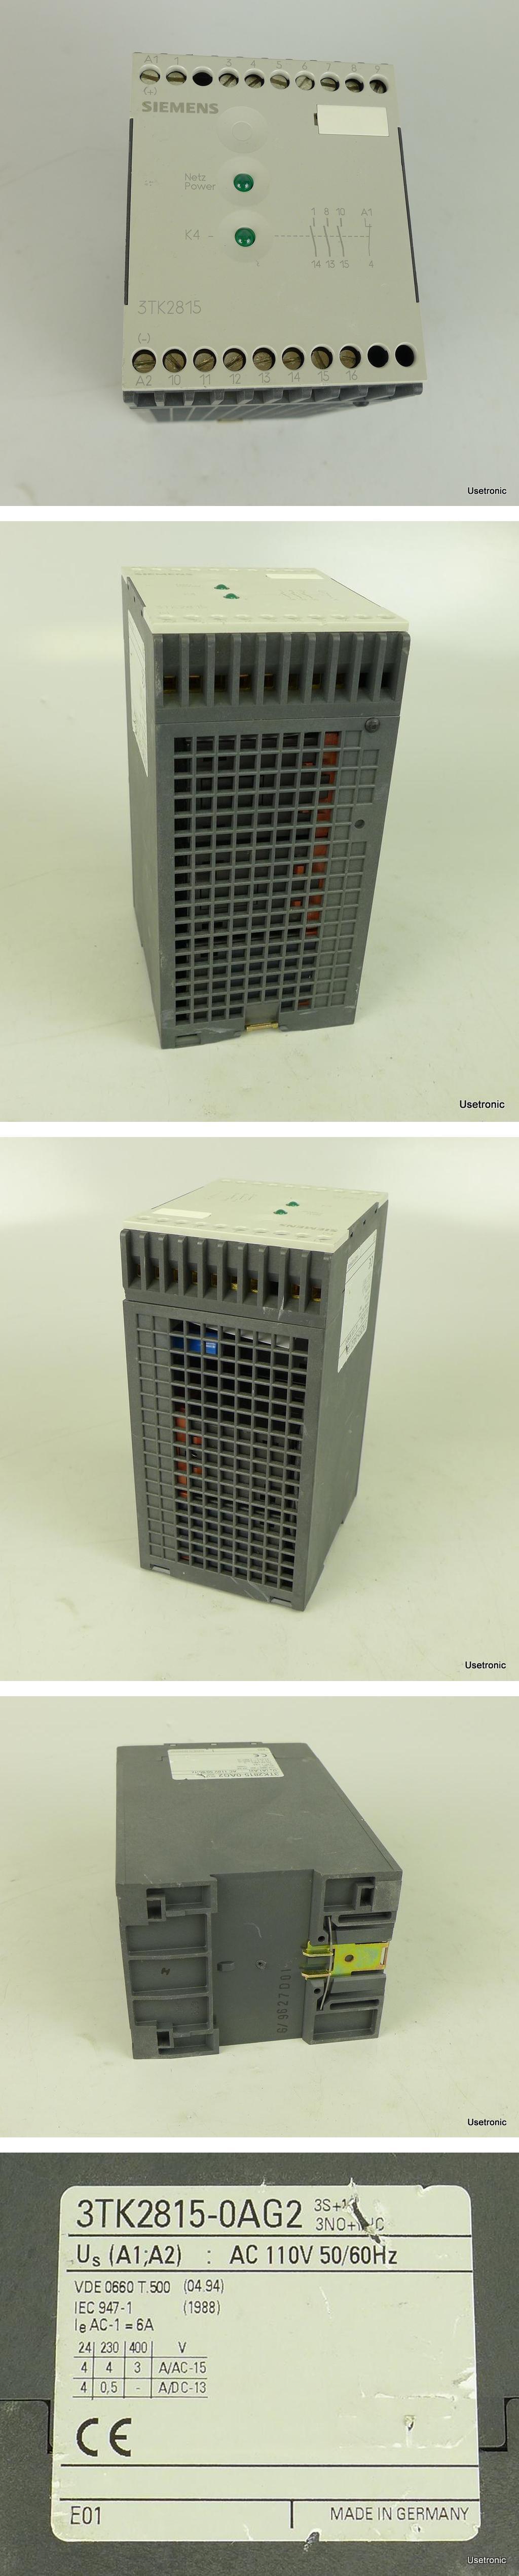 Siemens 3TK2815-0AG2